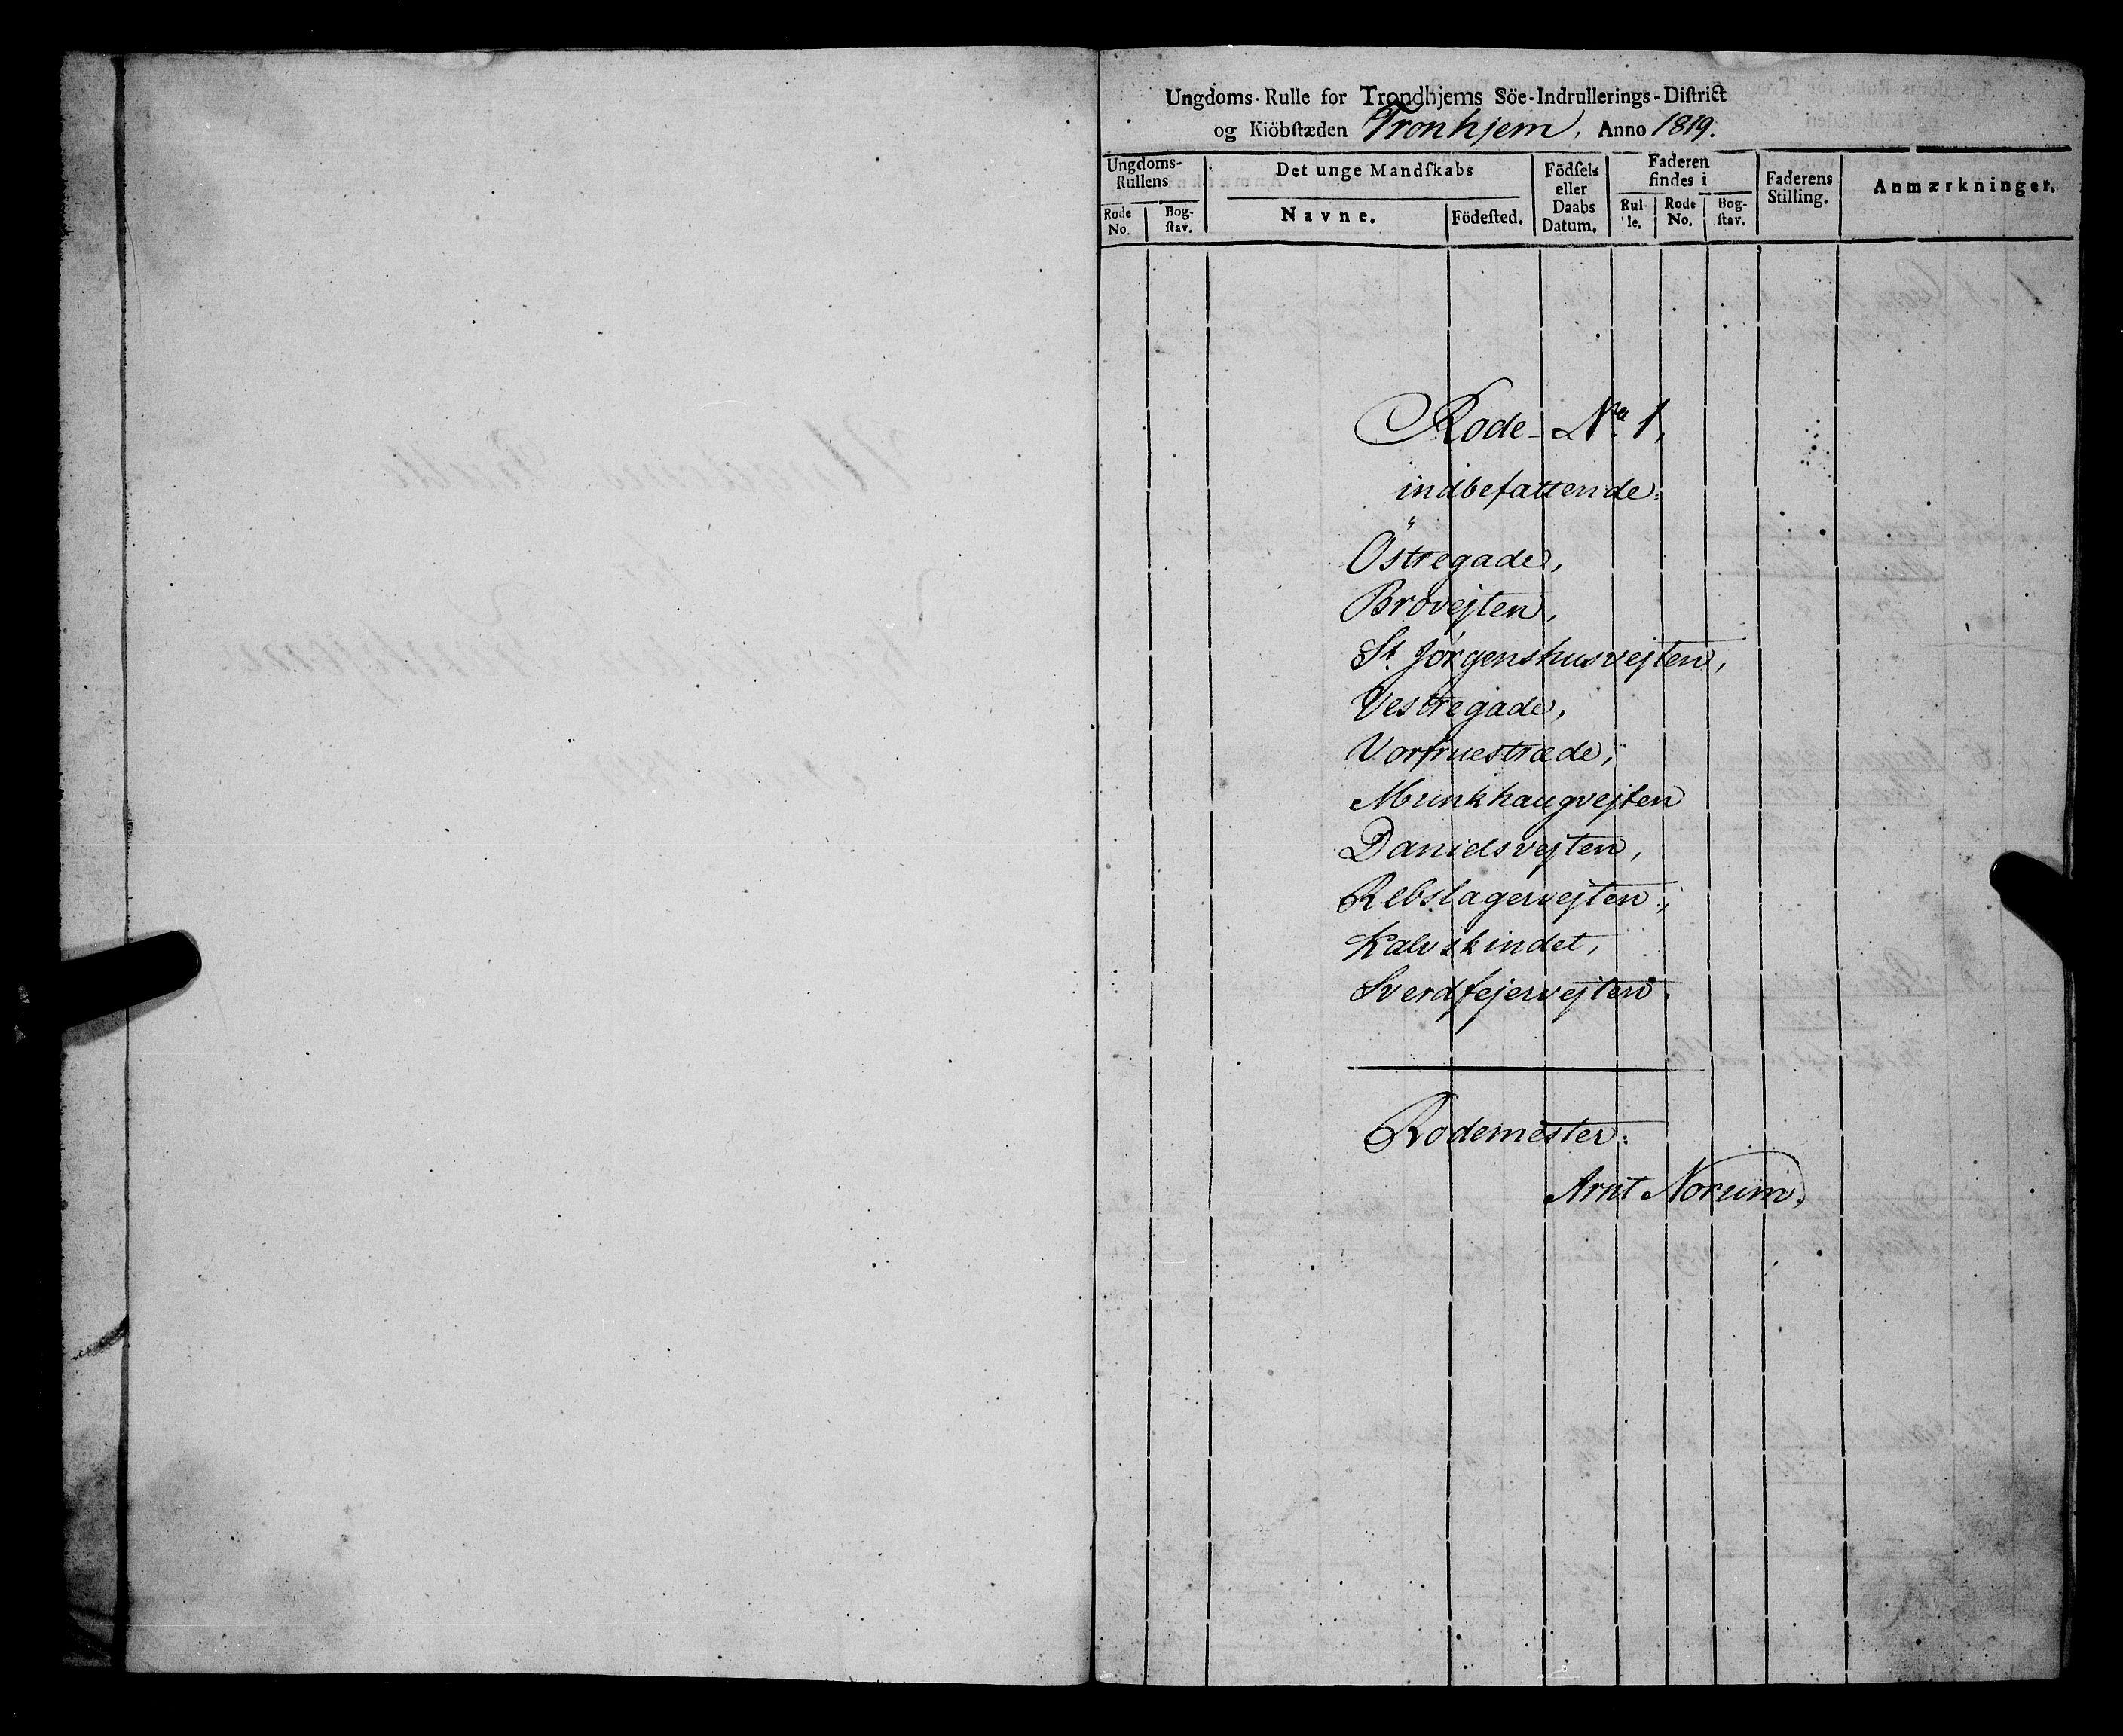 SAT, Sjøinnrulleringen - Trondhjemske distrikt, 01/L0016: --, 1819